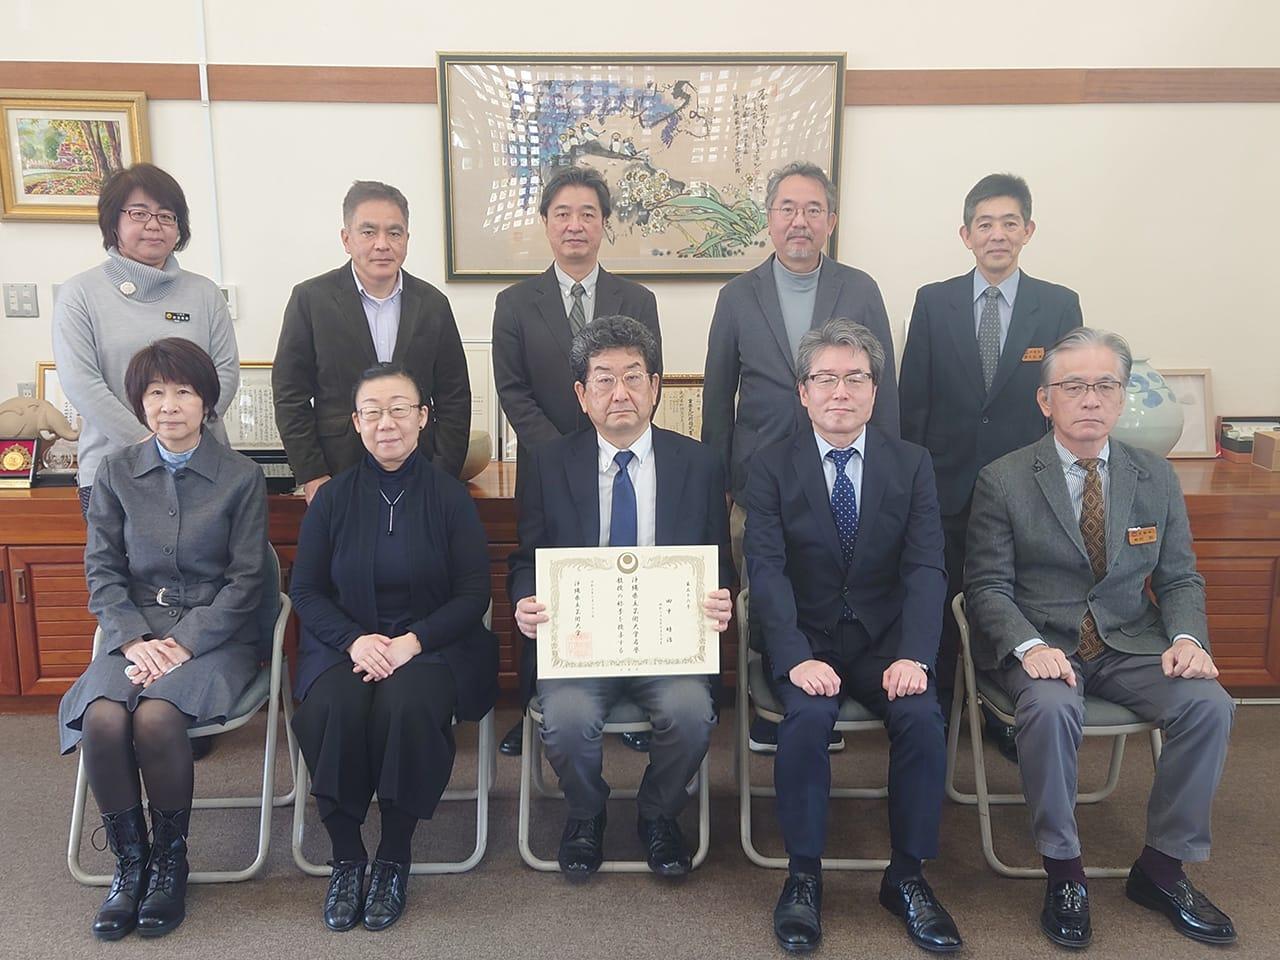 [写真]田中睦治名誉教授を囲んでの記念写真